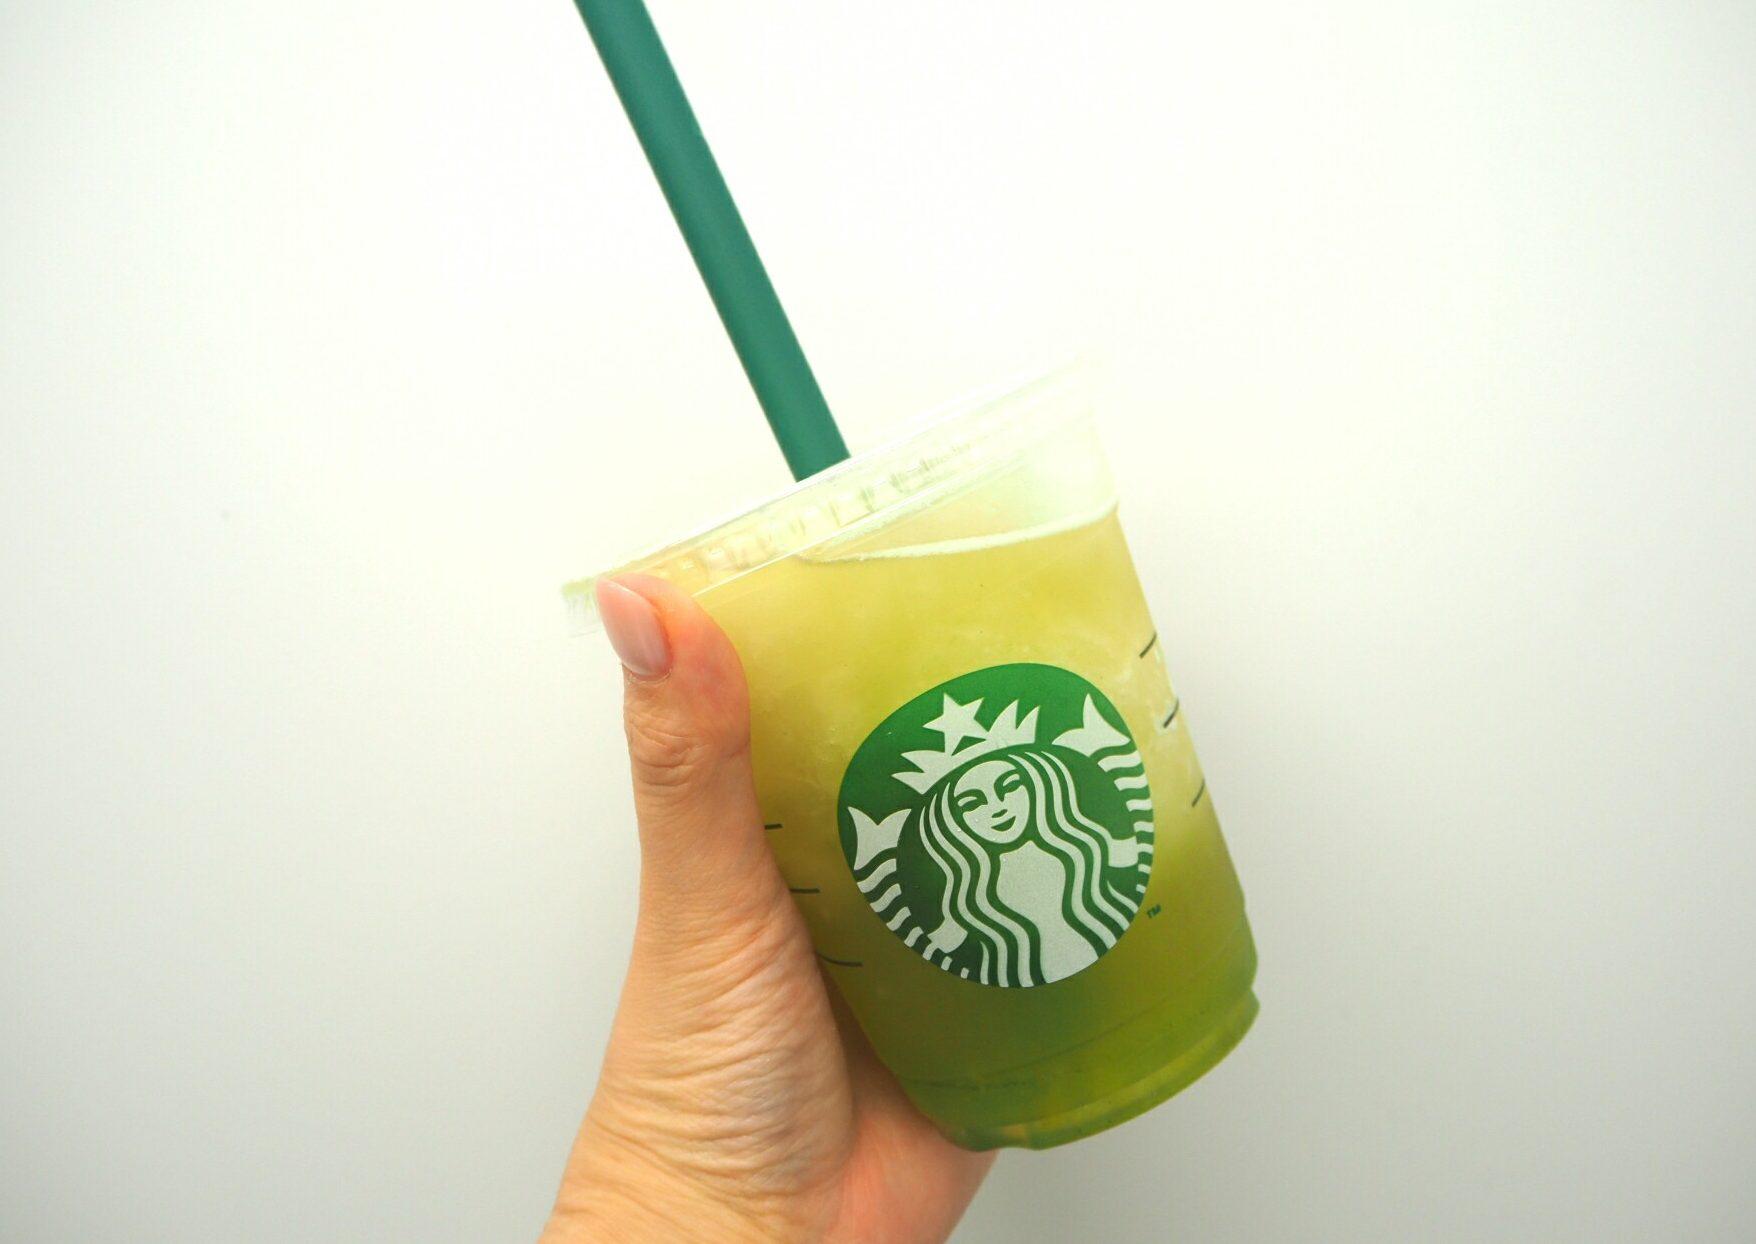 【スタバ】ティバーナフローズンティー香る煎茶×グリーンアップルお試し☆